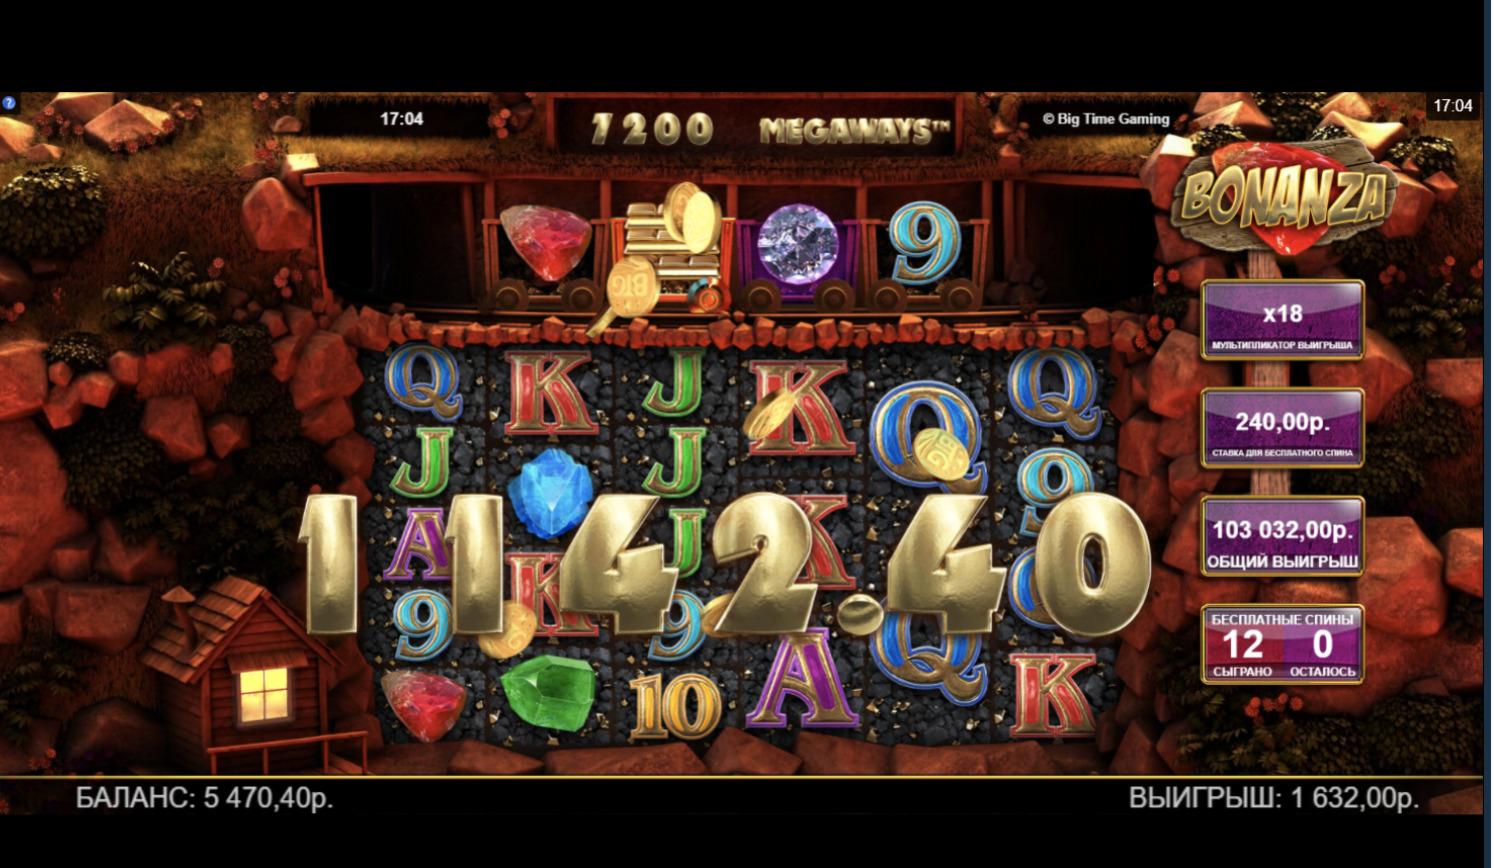 Скачать онлайн гта казино рояль бесплатно